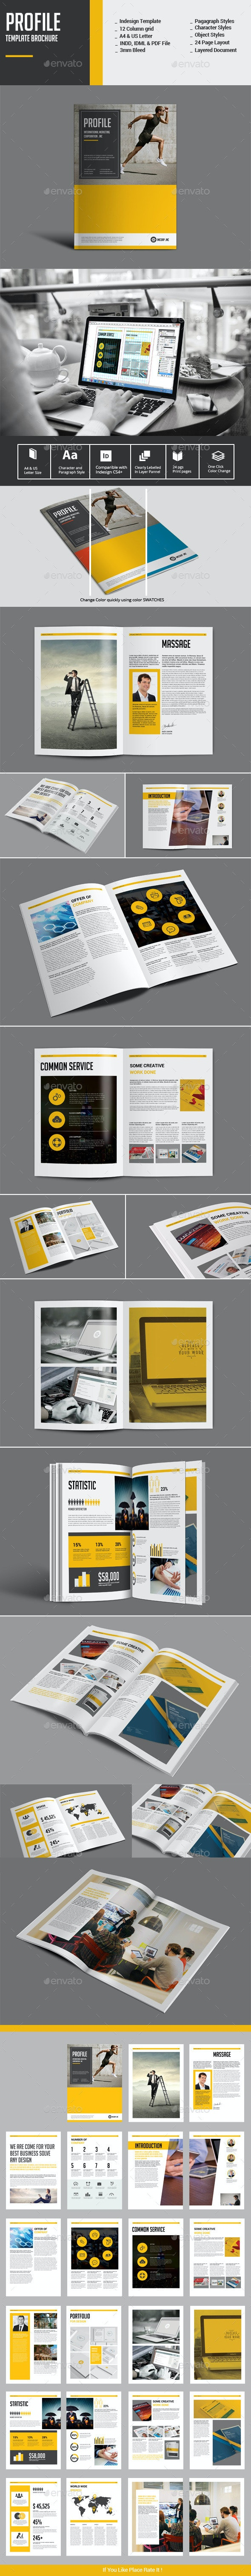 Profile Template Brochure - Corporate Brochures